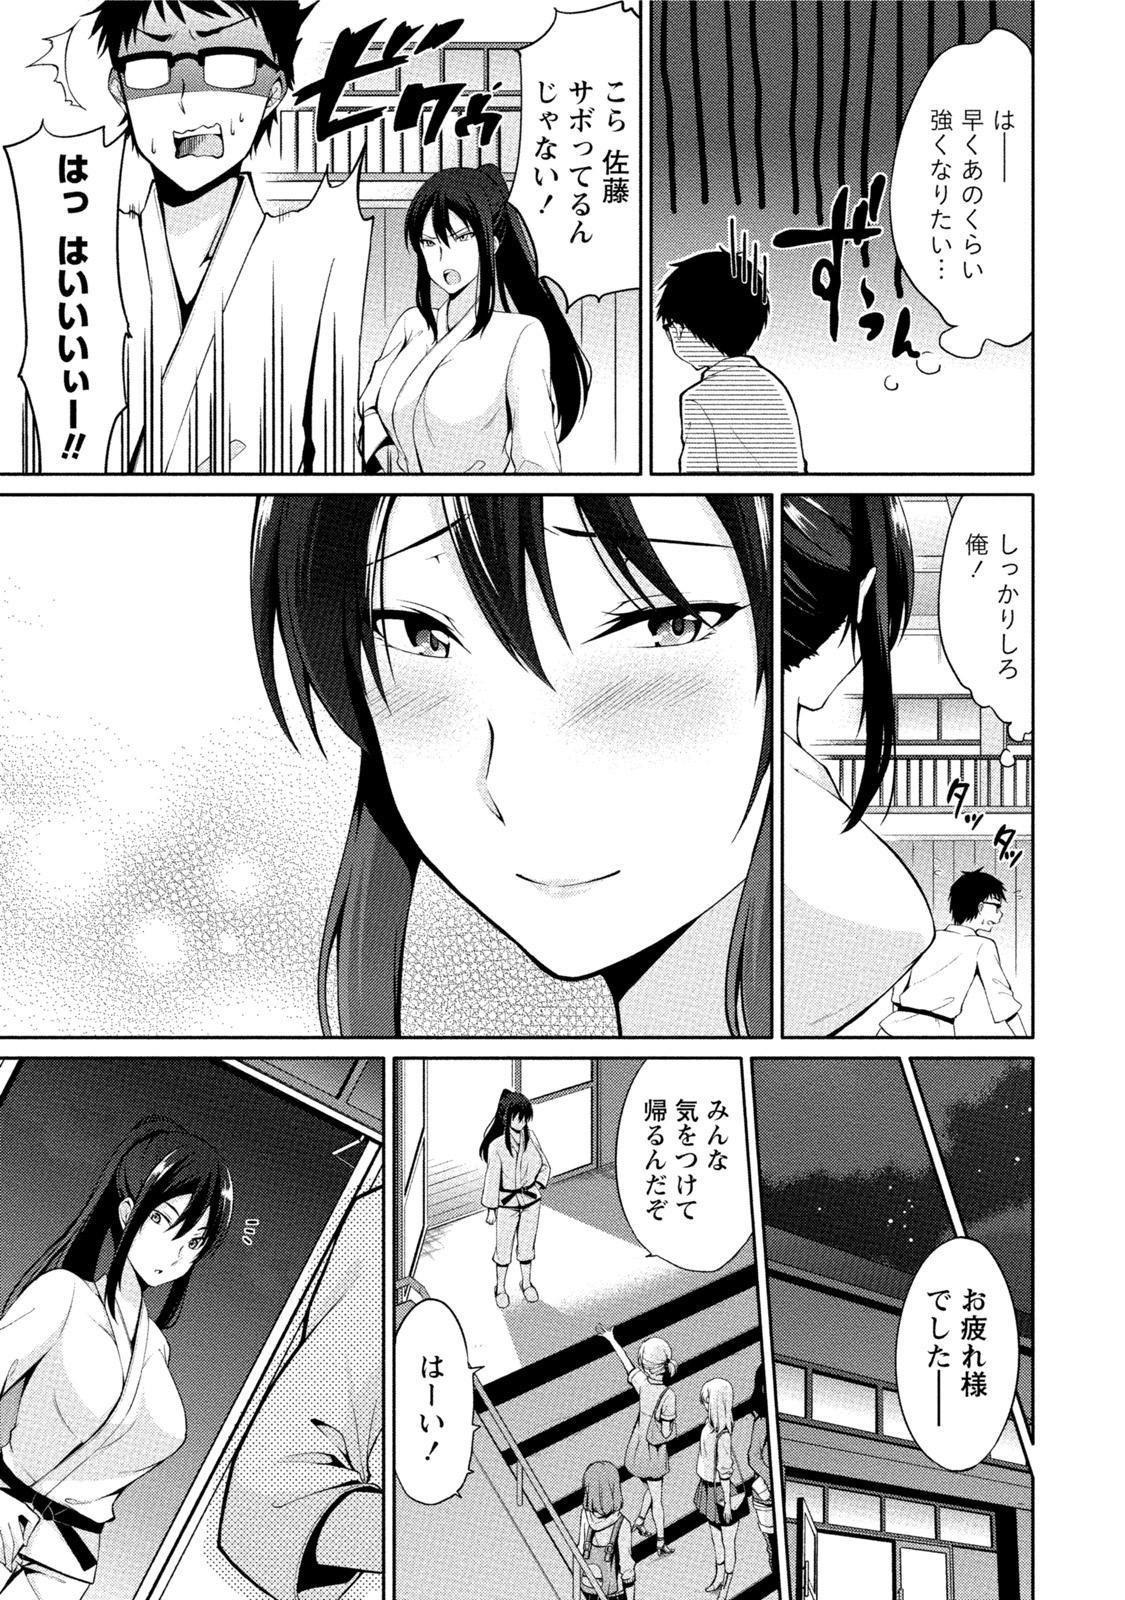 Ecchi na Watashi ja Dame desu ka? 125